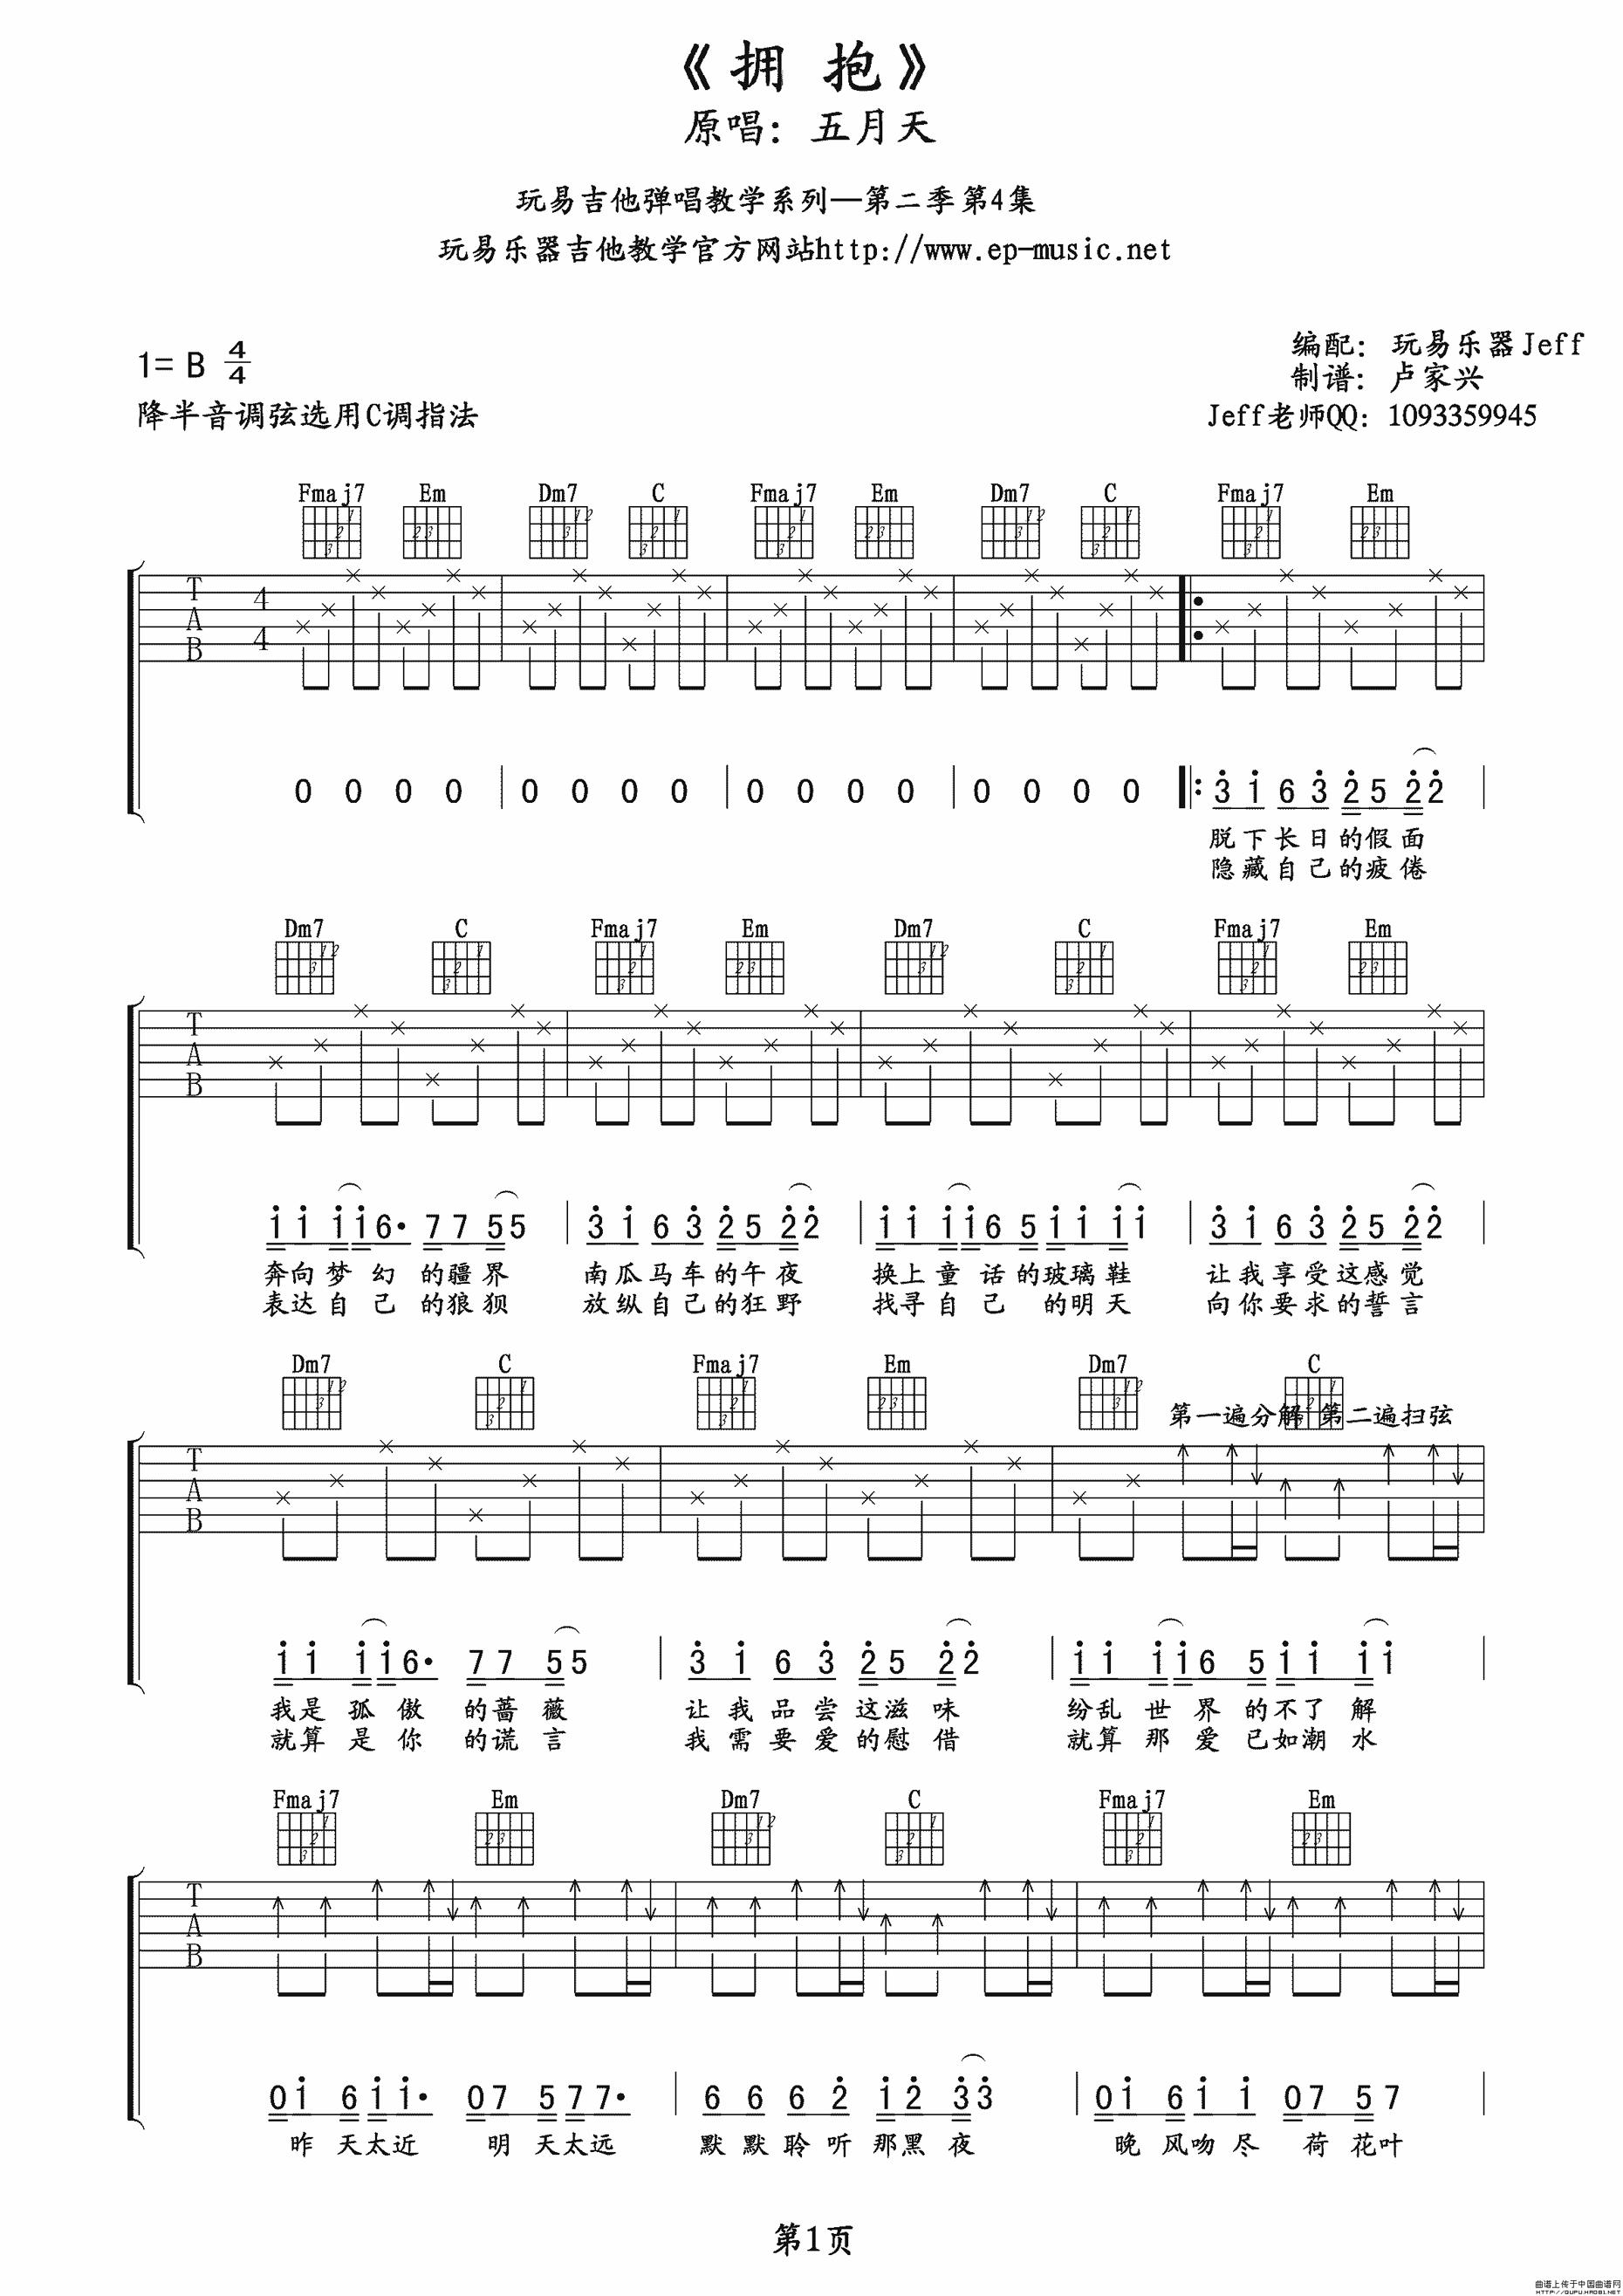 五月天《擁抱》吉他譜六線譜玩易吉他版【高清】_圖片譜_17吉他網